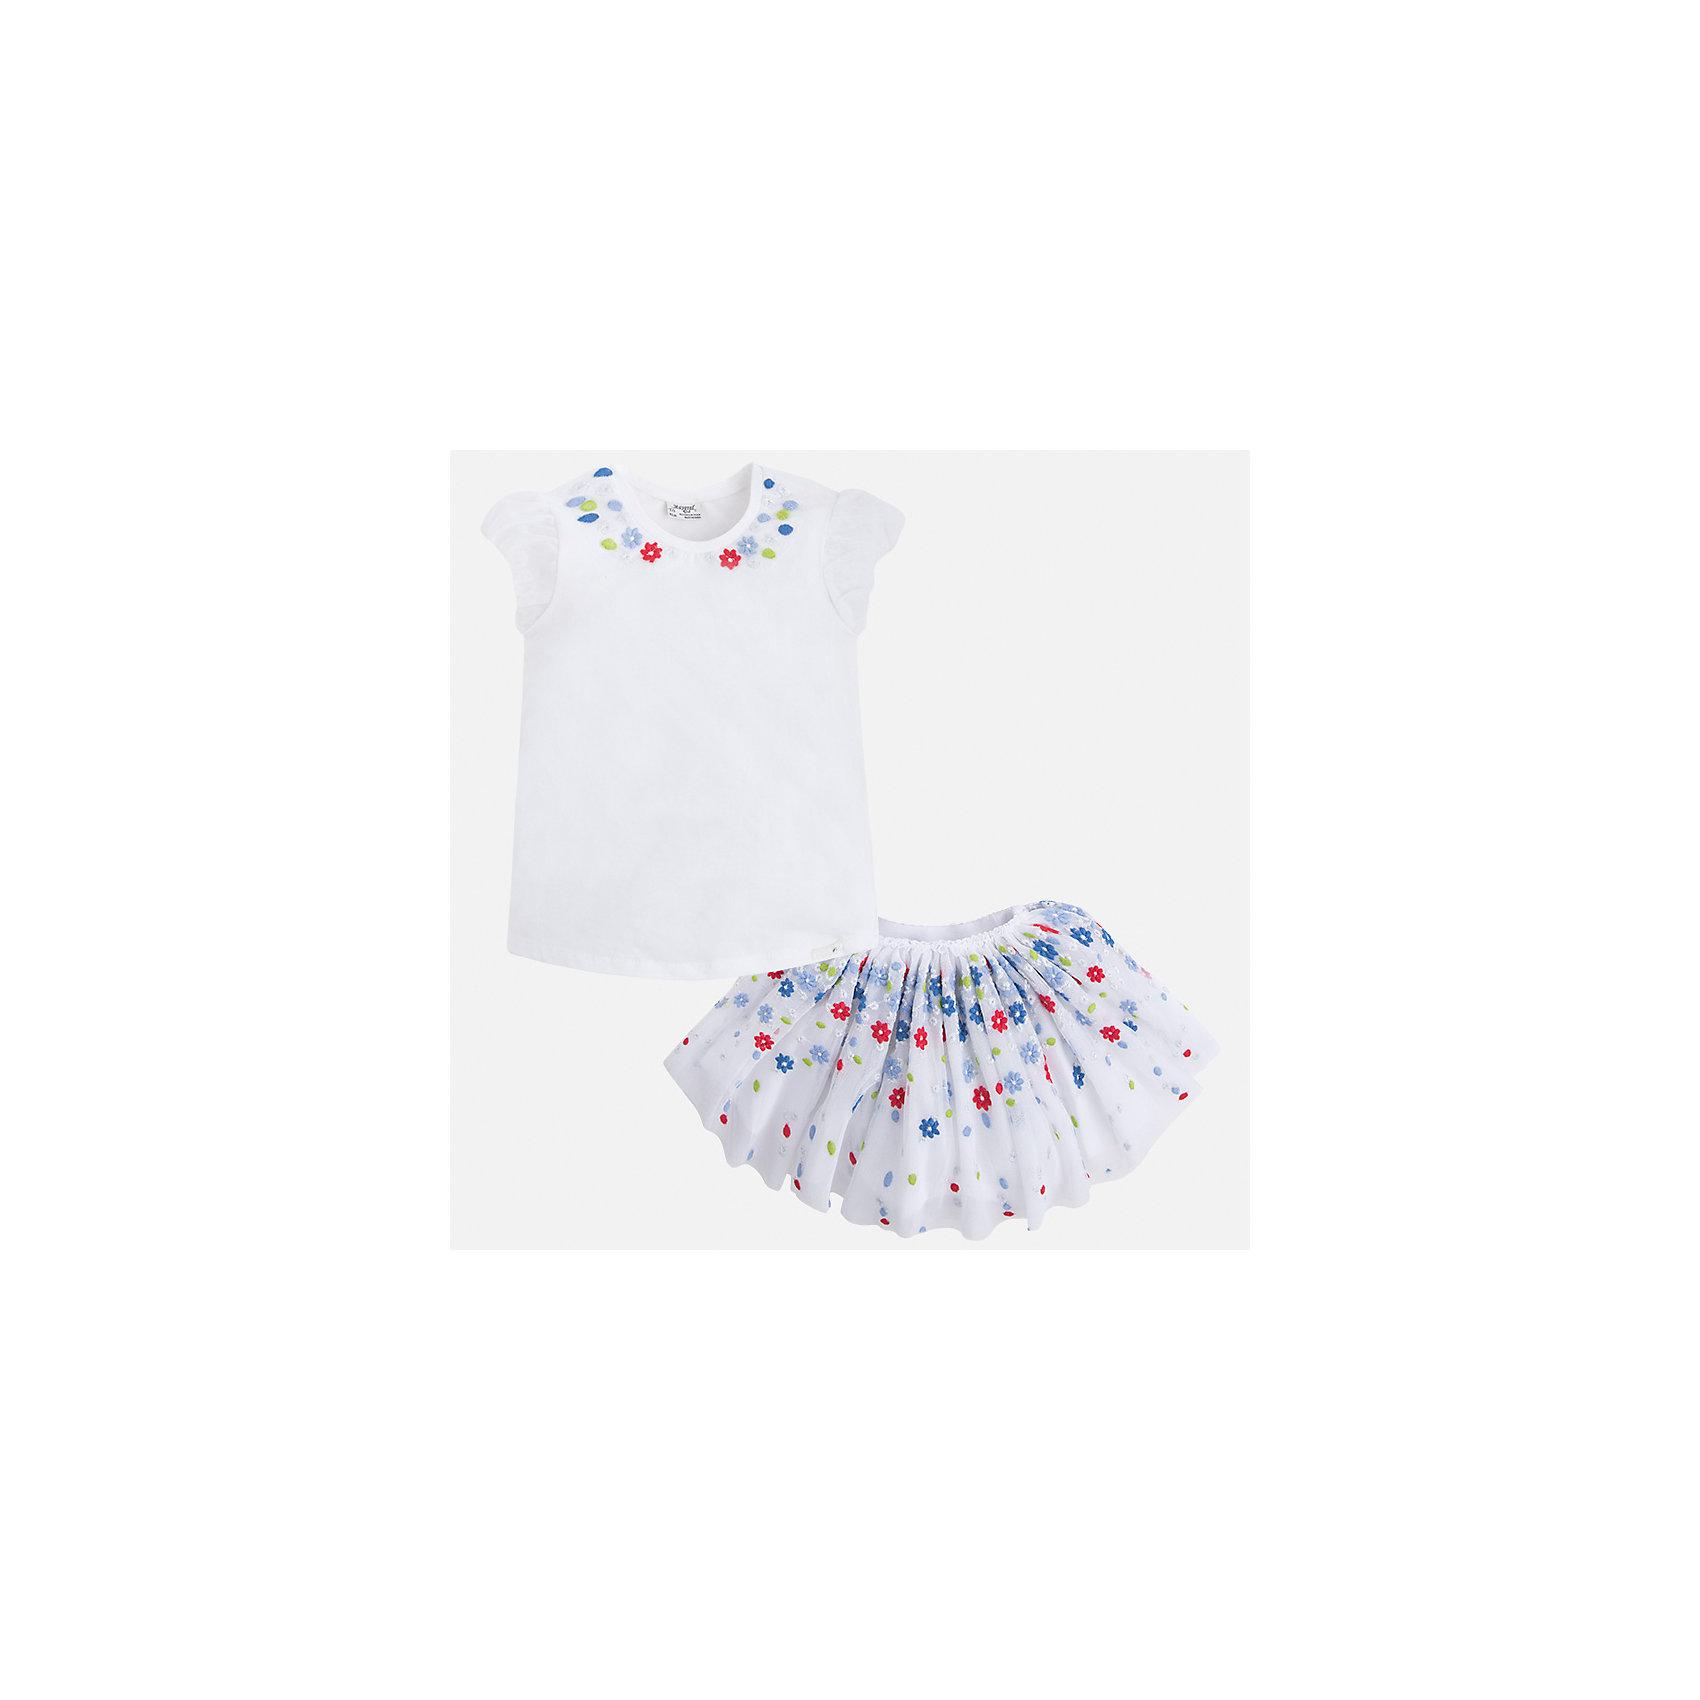 Комплект: топ и юбка для девочки MayoralКомплекты<br>Характеристики товара:<br><br>• цвет: белый<br>• состав: 57% хлопок, 38% полиэстер, 5% эластан<br>• комплектация: юбка, топ<br>• топ декорирован вышивкой<br>• юбка декорирована принтом<br>• пояс на резинке<br>• страна бренда: Испания<br><br>Стильный качественный комплект для девочки поможет разнообразить гардероб ребенка и красиво одеться в теплую погоду. Он отлично сочетается с другими предметами. Универсальный цвет позволяет подобрать к вещам обувь практически любой расцветки. Интересная отделка модели делает её нарядной и оригинальной. В составе материала - натуральный хлопок, гипоаллергенный, приятный на ощупь, дышащий.<br><br>Одежда, обувь и аксессуары от испанского бренда Mayoral полюбились детям и взрослым по всему миру. Модели этой марки - стильные и удобные. Для их производства используются только безопасные, качественные материалы и фурнитура. Порадуйте ребенка модными и красивыми вещами от Mayoral! <br><br>Комплект для девочки от испанского бренда Mayoral (Майорал) можно купить в нашем интернет-магазине.<br><br>Ширина мм: 207<br>Глубина мм: 10<br>Высота мм: 189<br>Вес г: 183<br>Цвет: красный<br>Возраст от месяцев: 24<br>Возраст до месяцев: 36<br>Пол: Женский<br>Возраст: Детский<br>Размер: 98,134,104,110,116,122,128<br>SKU: 5291431